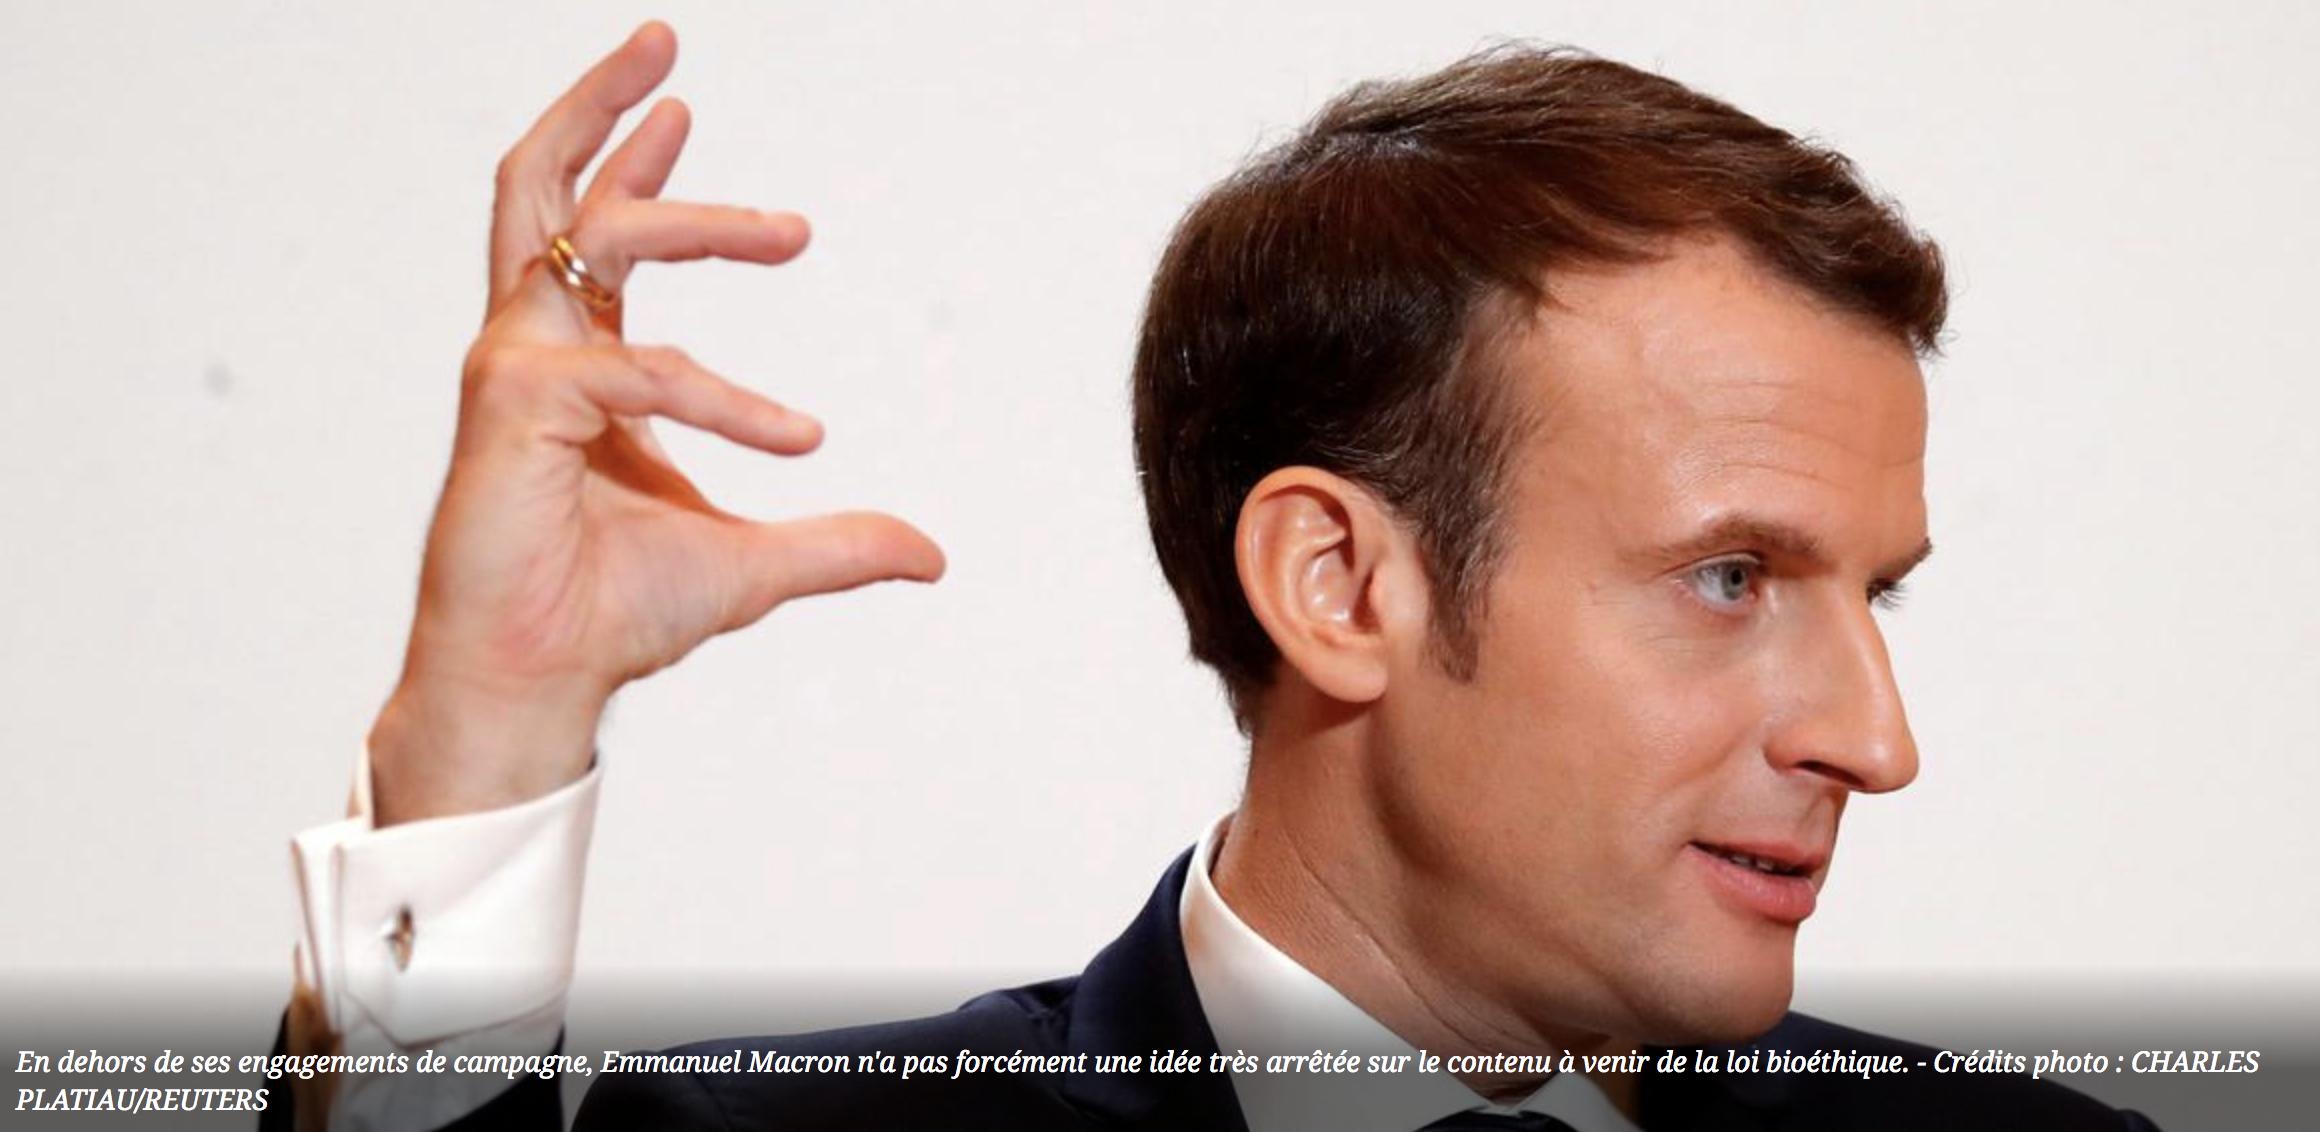 """Image - Le Figaro : """"Bioéthique : Macron veut éviter de reproduire les erreurs de Hollande"""""""